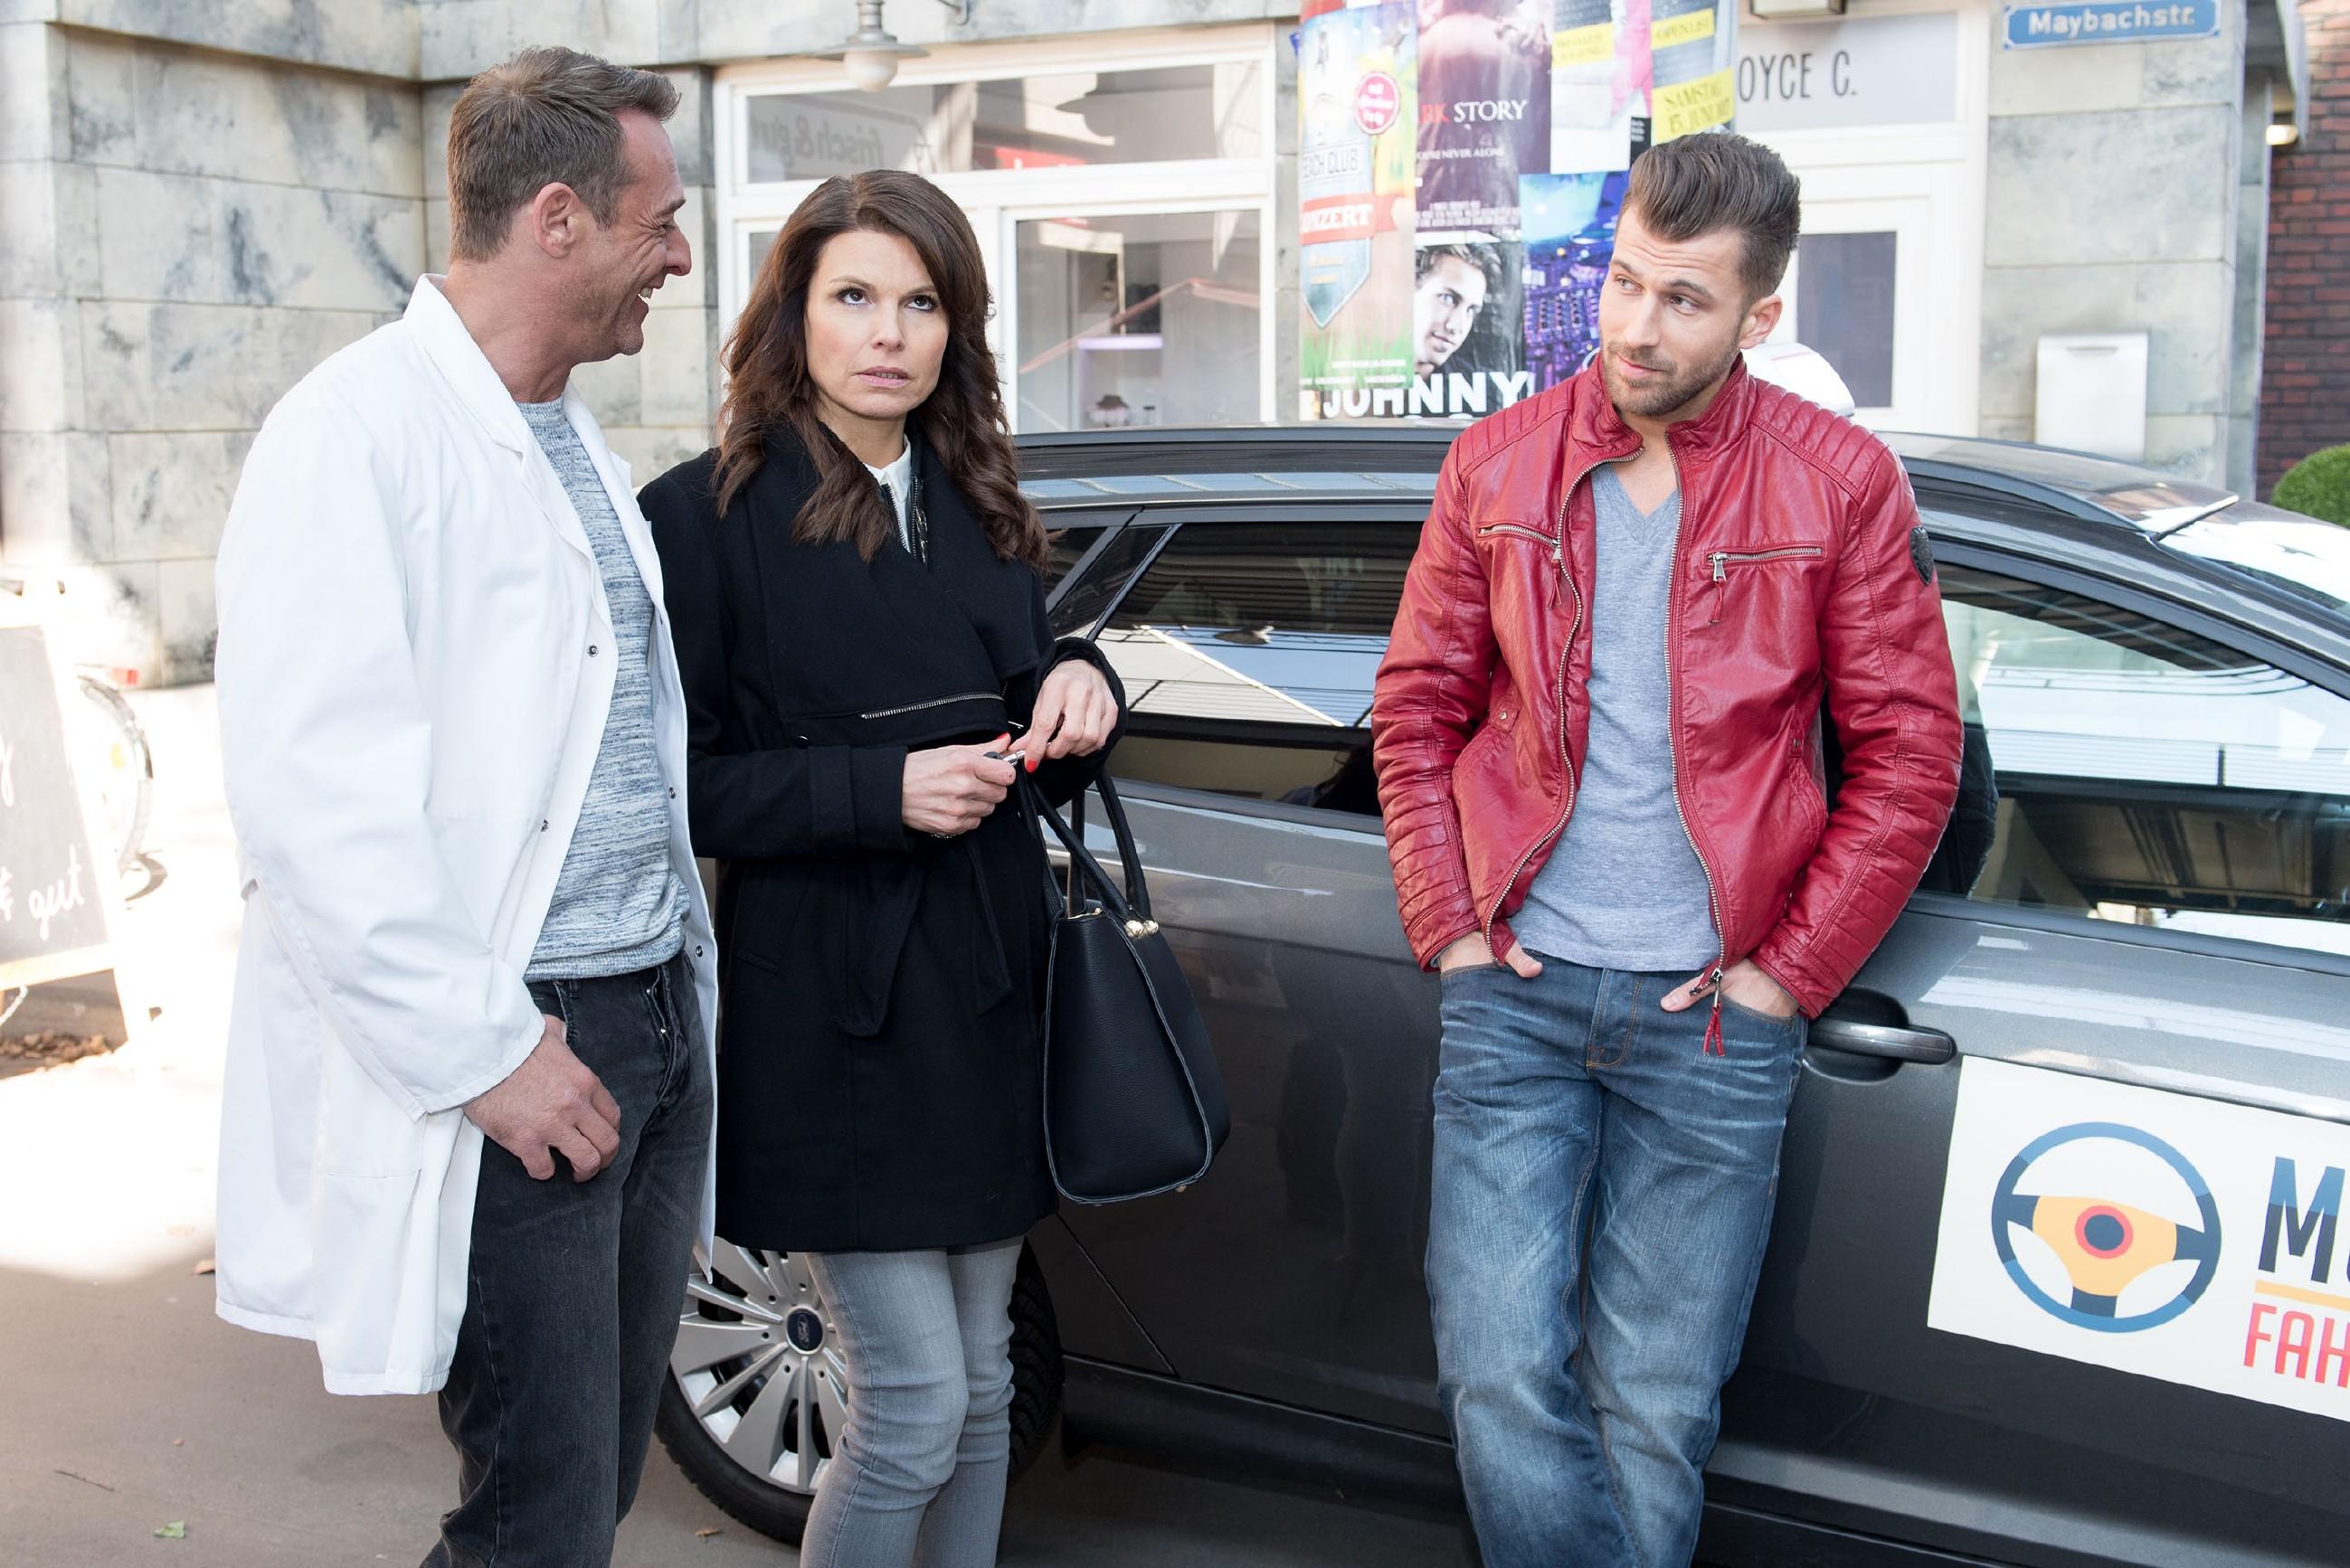 Um Britta (Tabea Heynig) für ihre Arroganz aufzuziehen, gibt sich Rufus (Kai Noll, l.) vor ihrem Fahrlehrer Fahrlehrer Anton Müller (Michael Bruch) als Proll aus. (Quelle: RTL / Stefan Behrens)